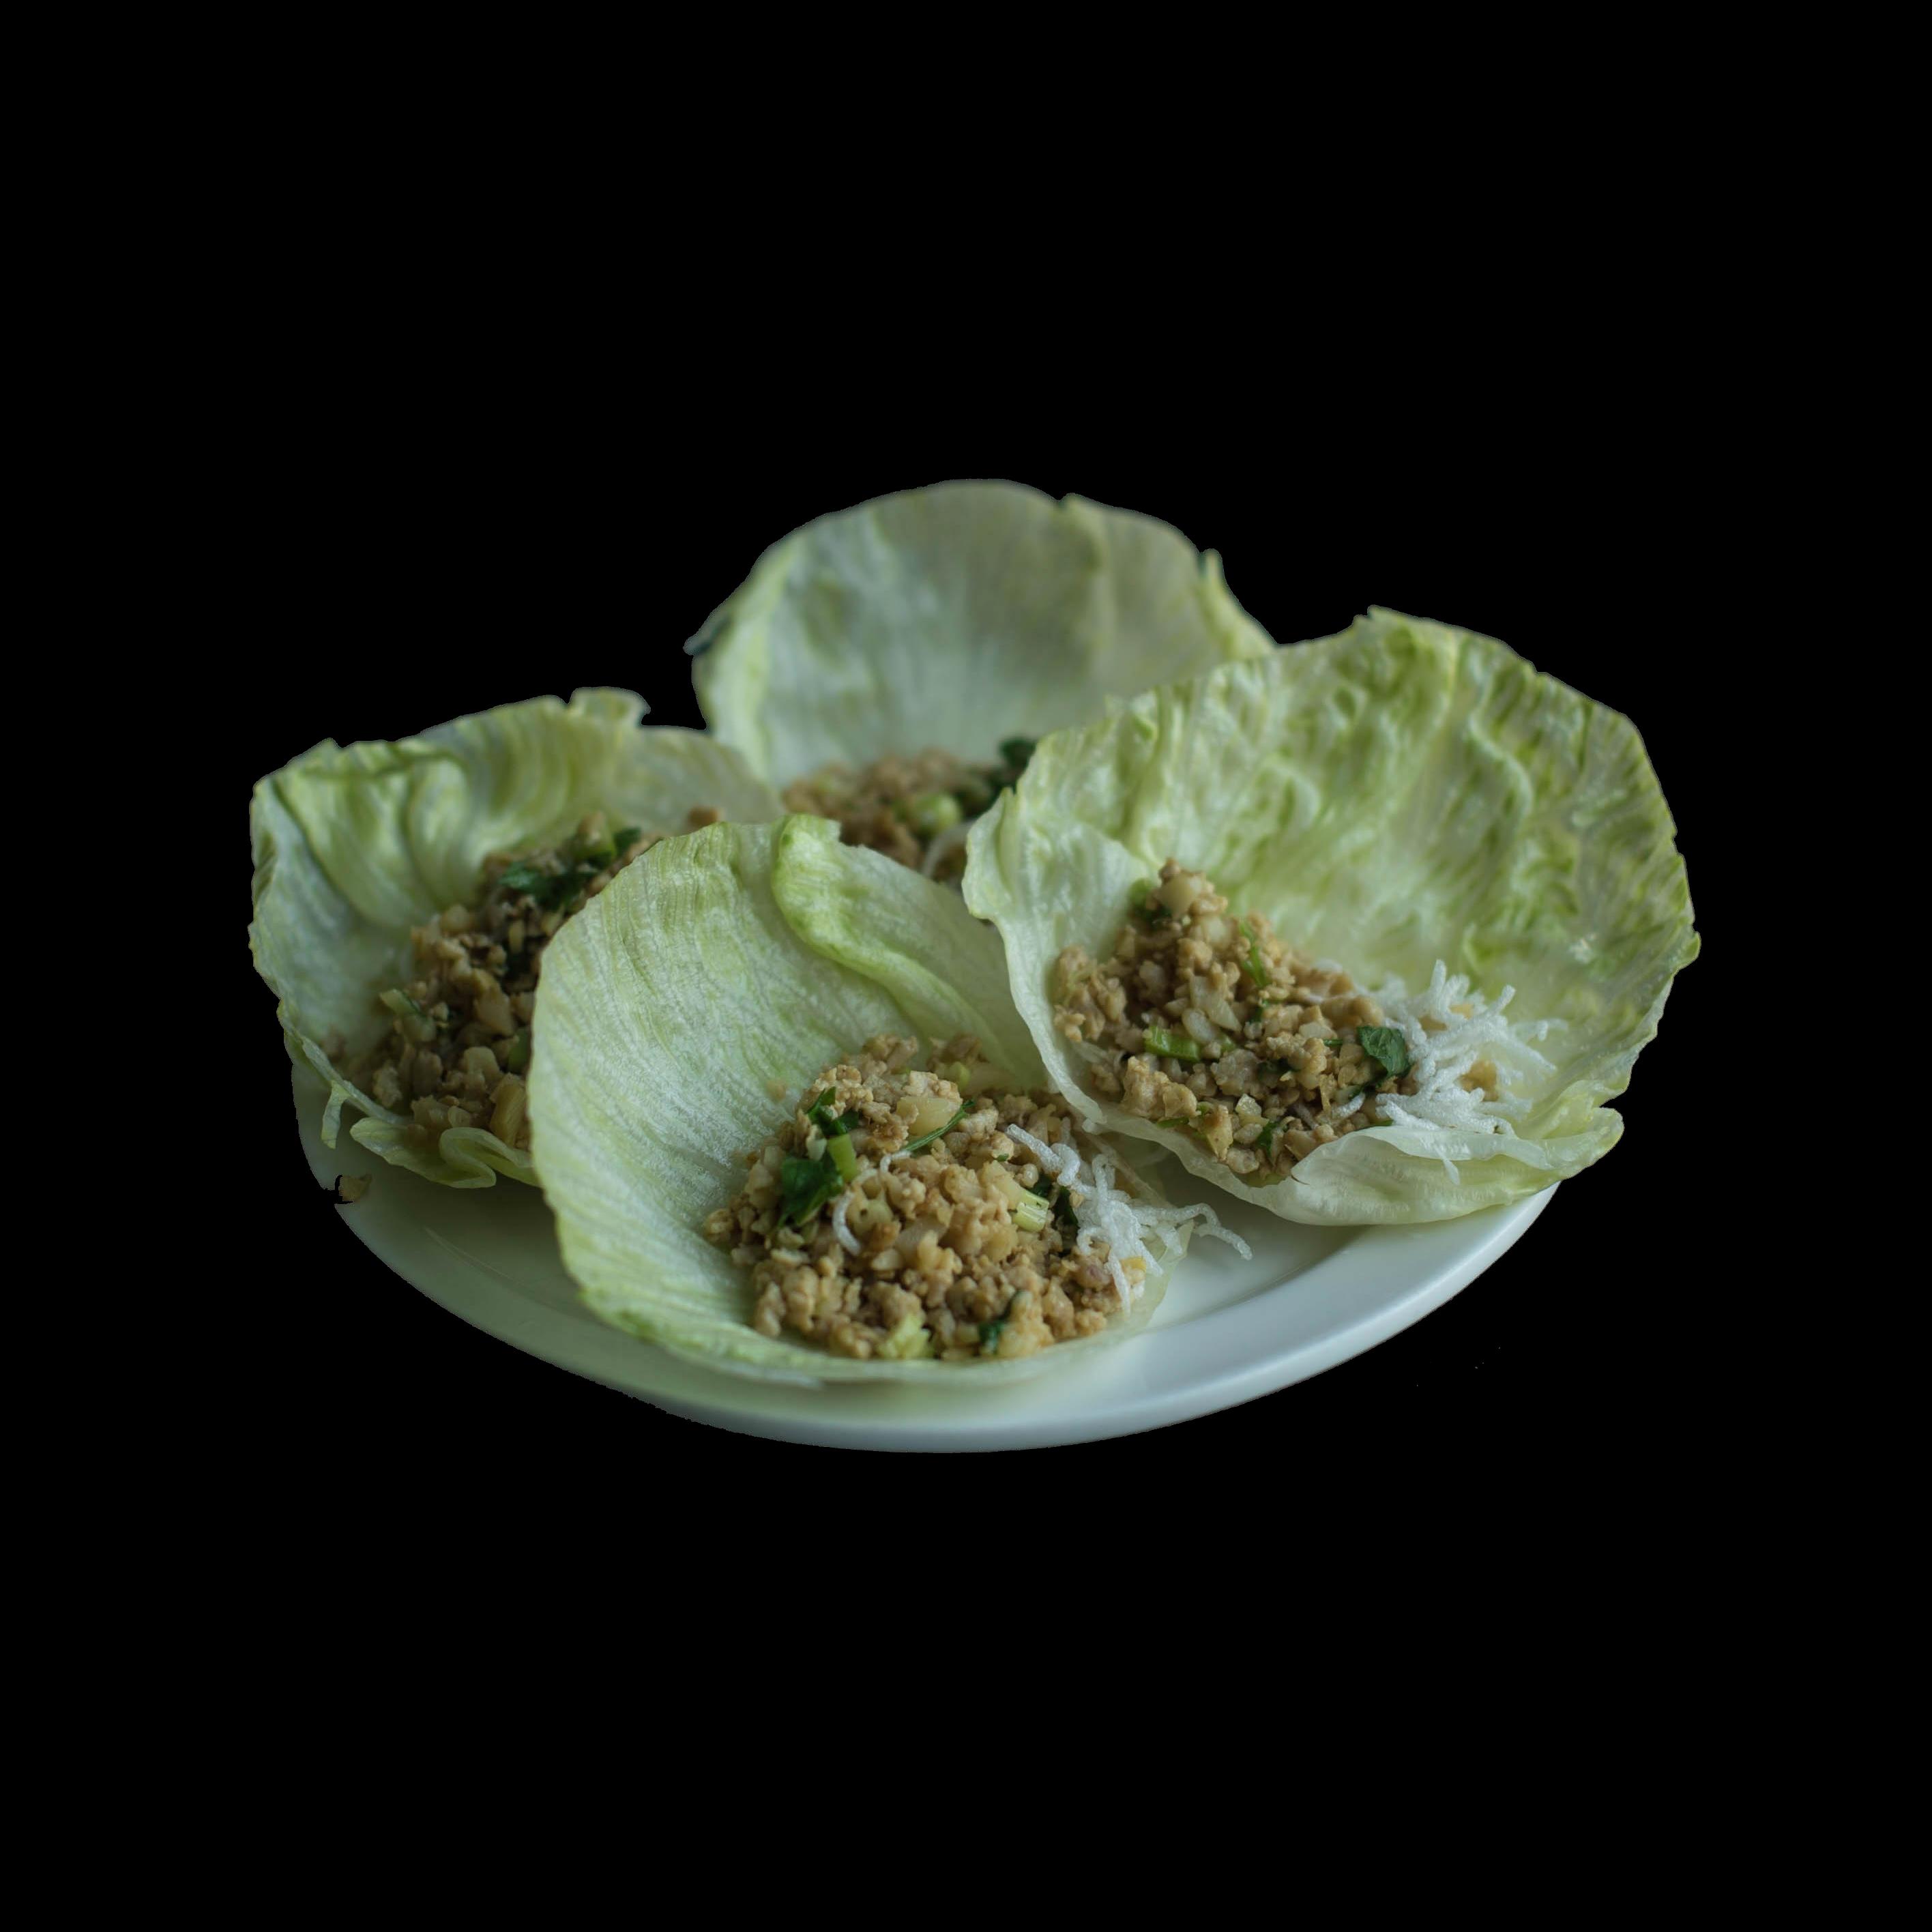 40. 鸡松肉卷生菜 Minced Chicken w/ Lettuce Wrap Image